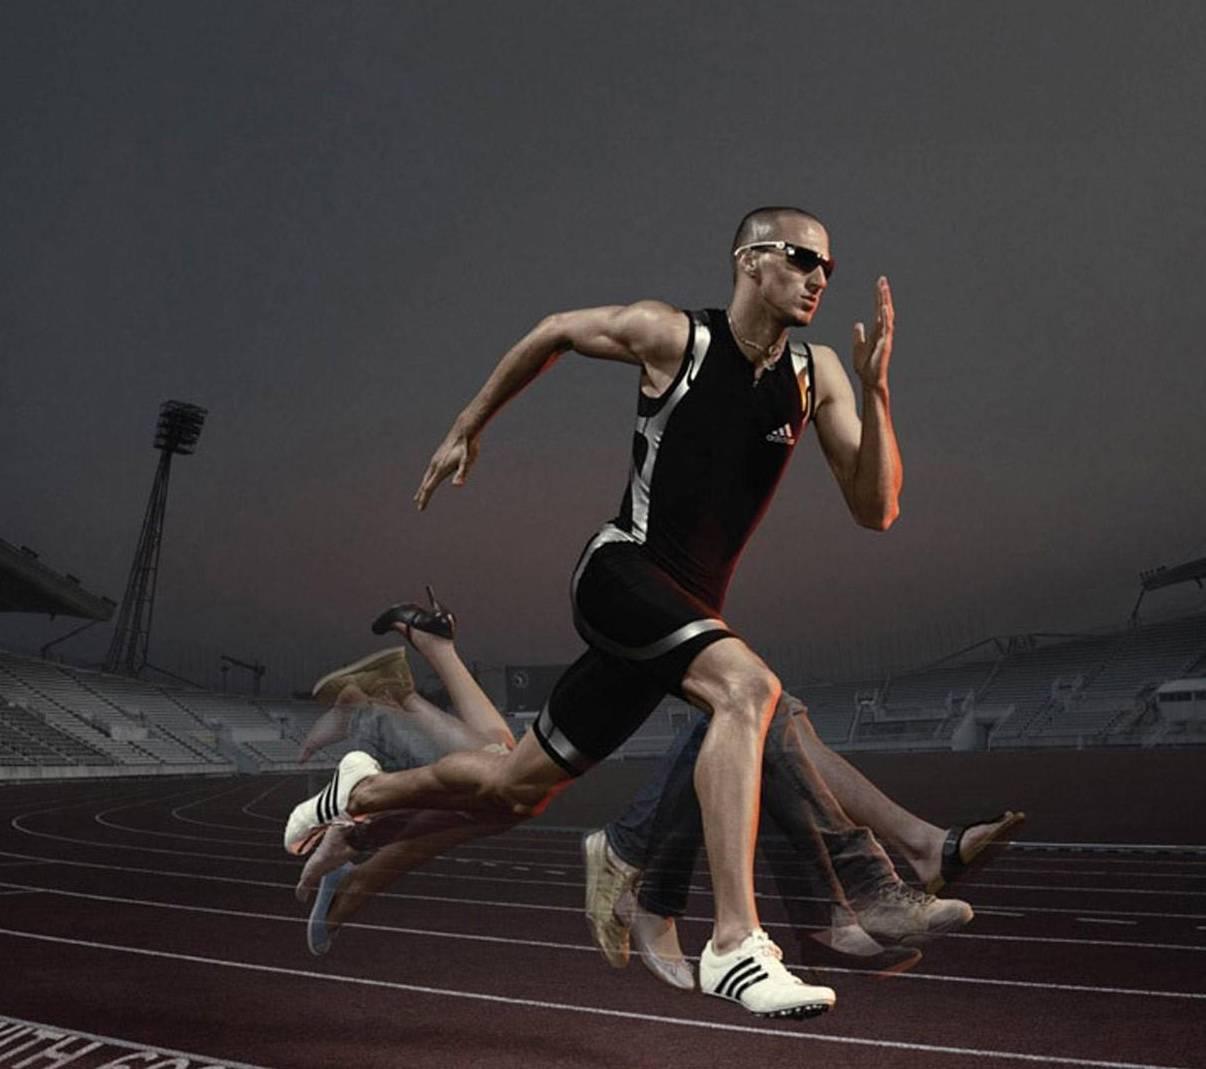 Смешная картинка с бегущим человеком